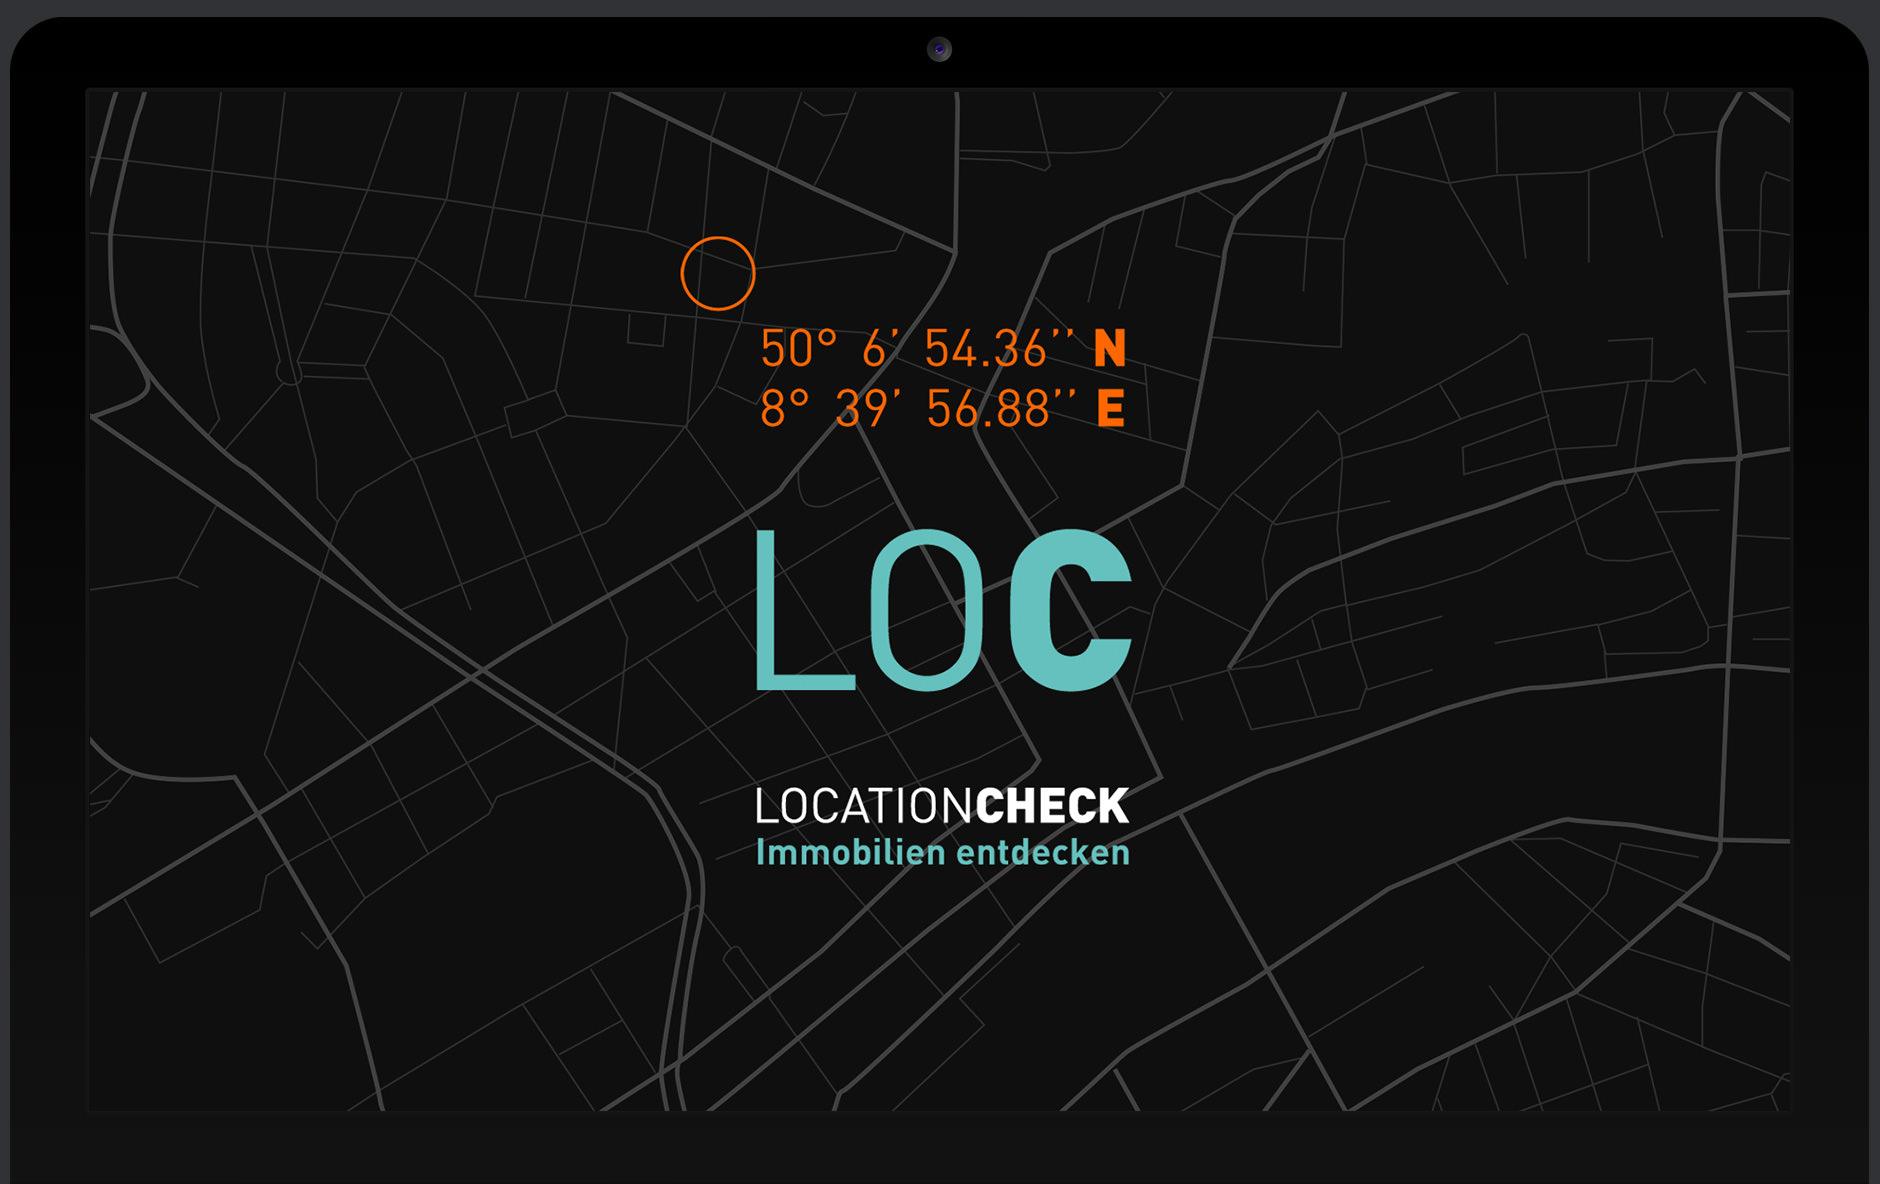 loc_6